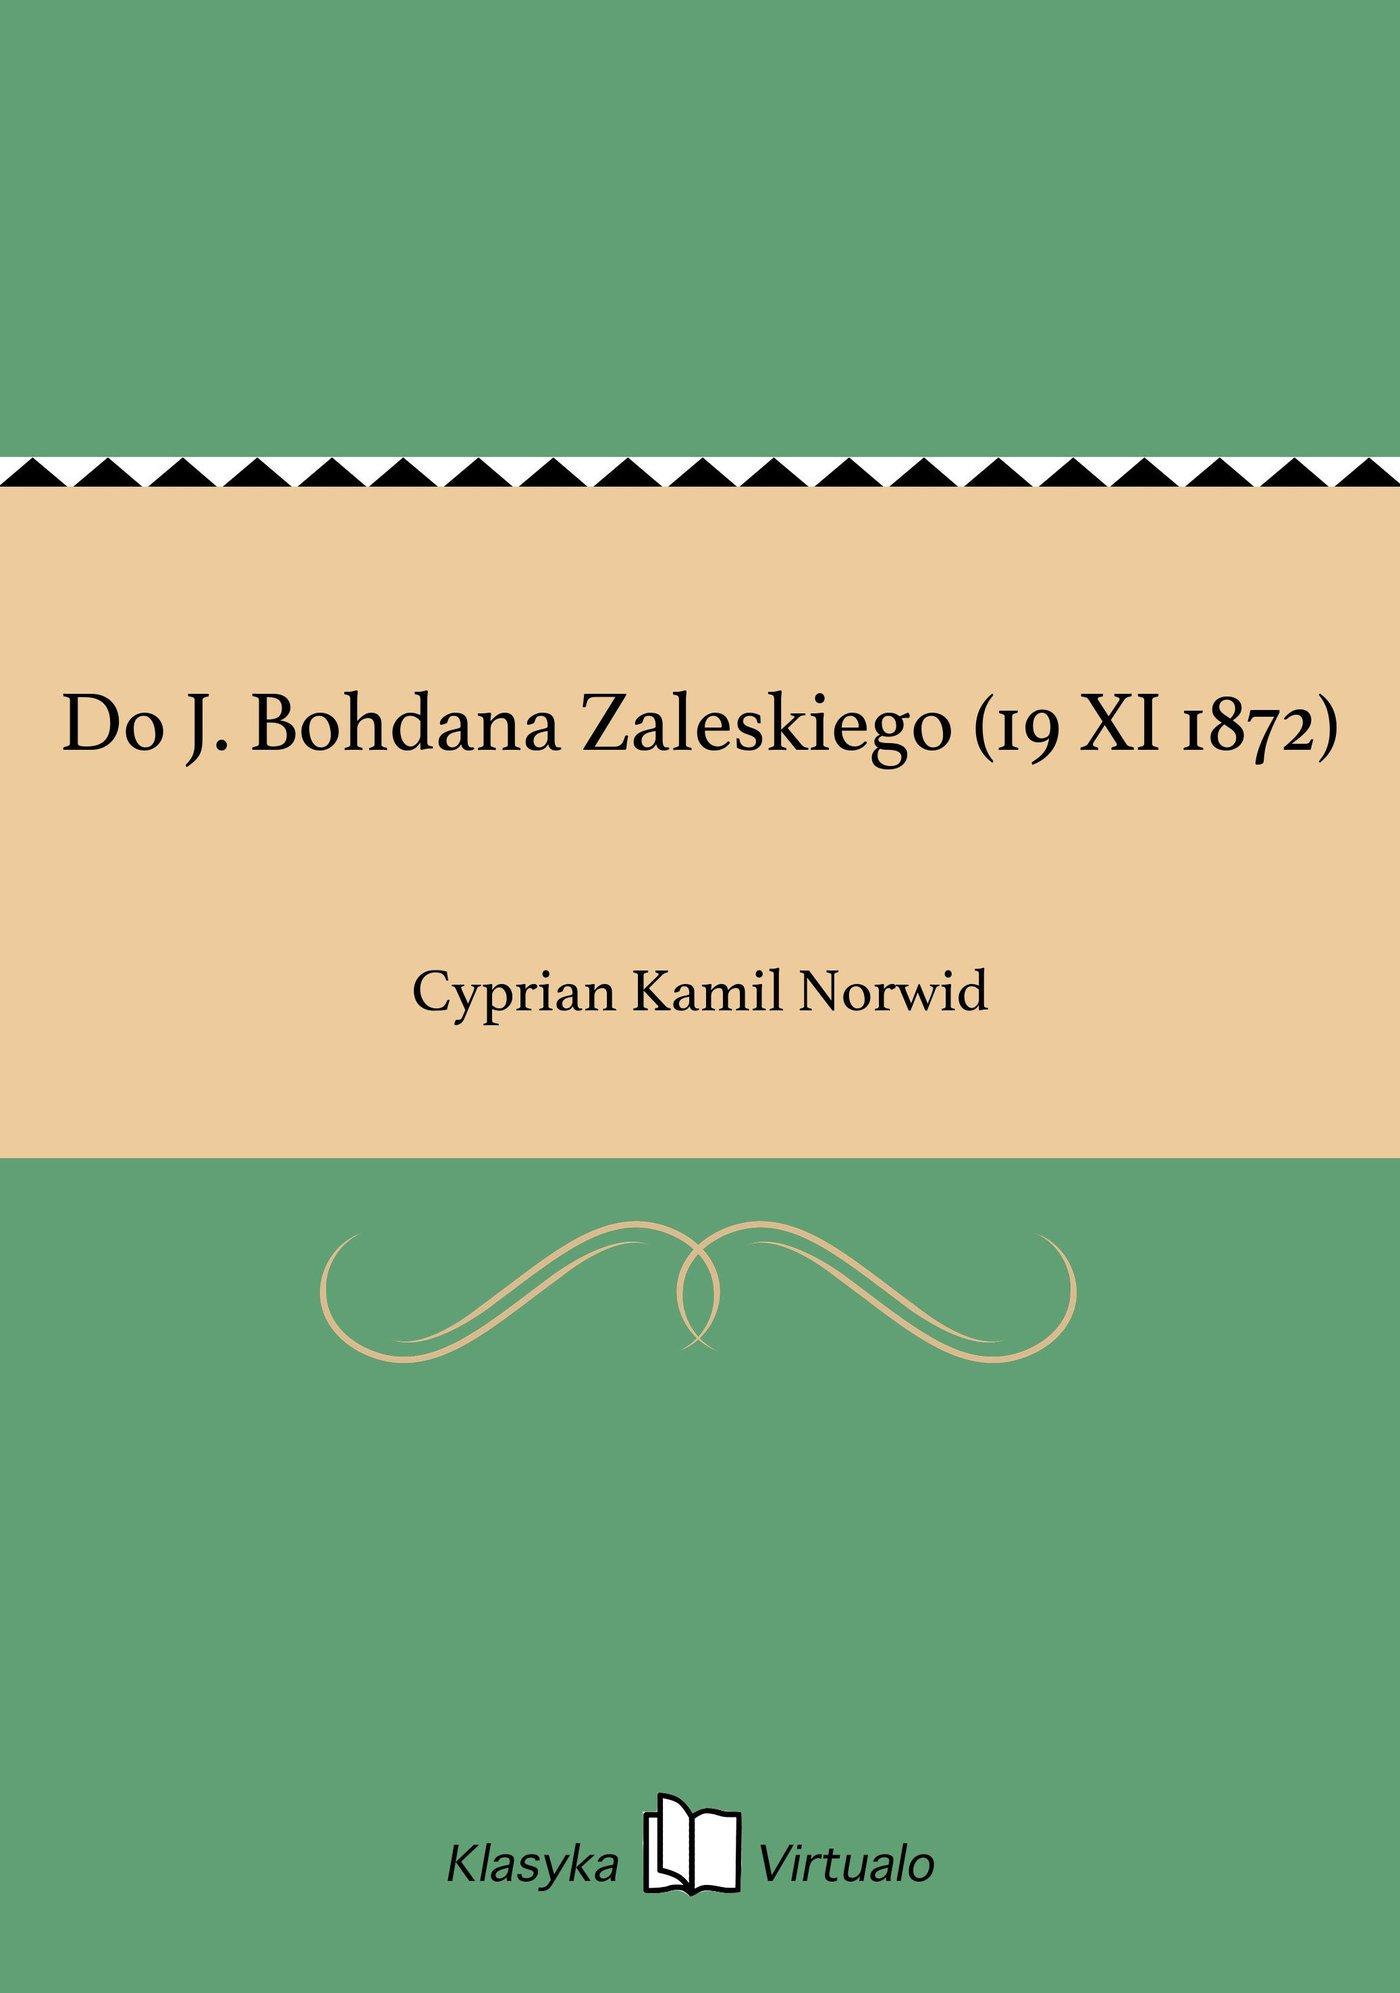 Do J. Bohdana Zaleskiego (19 XI 1872) - Ebook (Książka EPUB) do pobrania w formacie EPUB